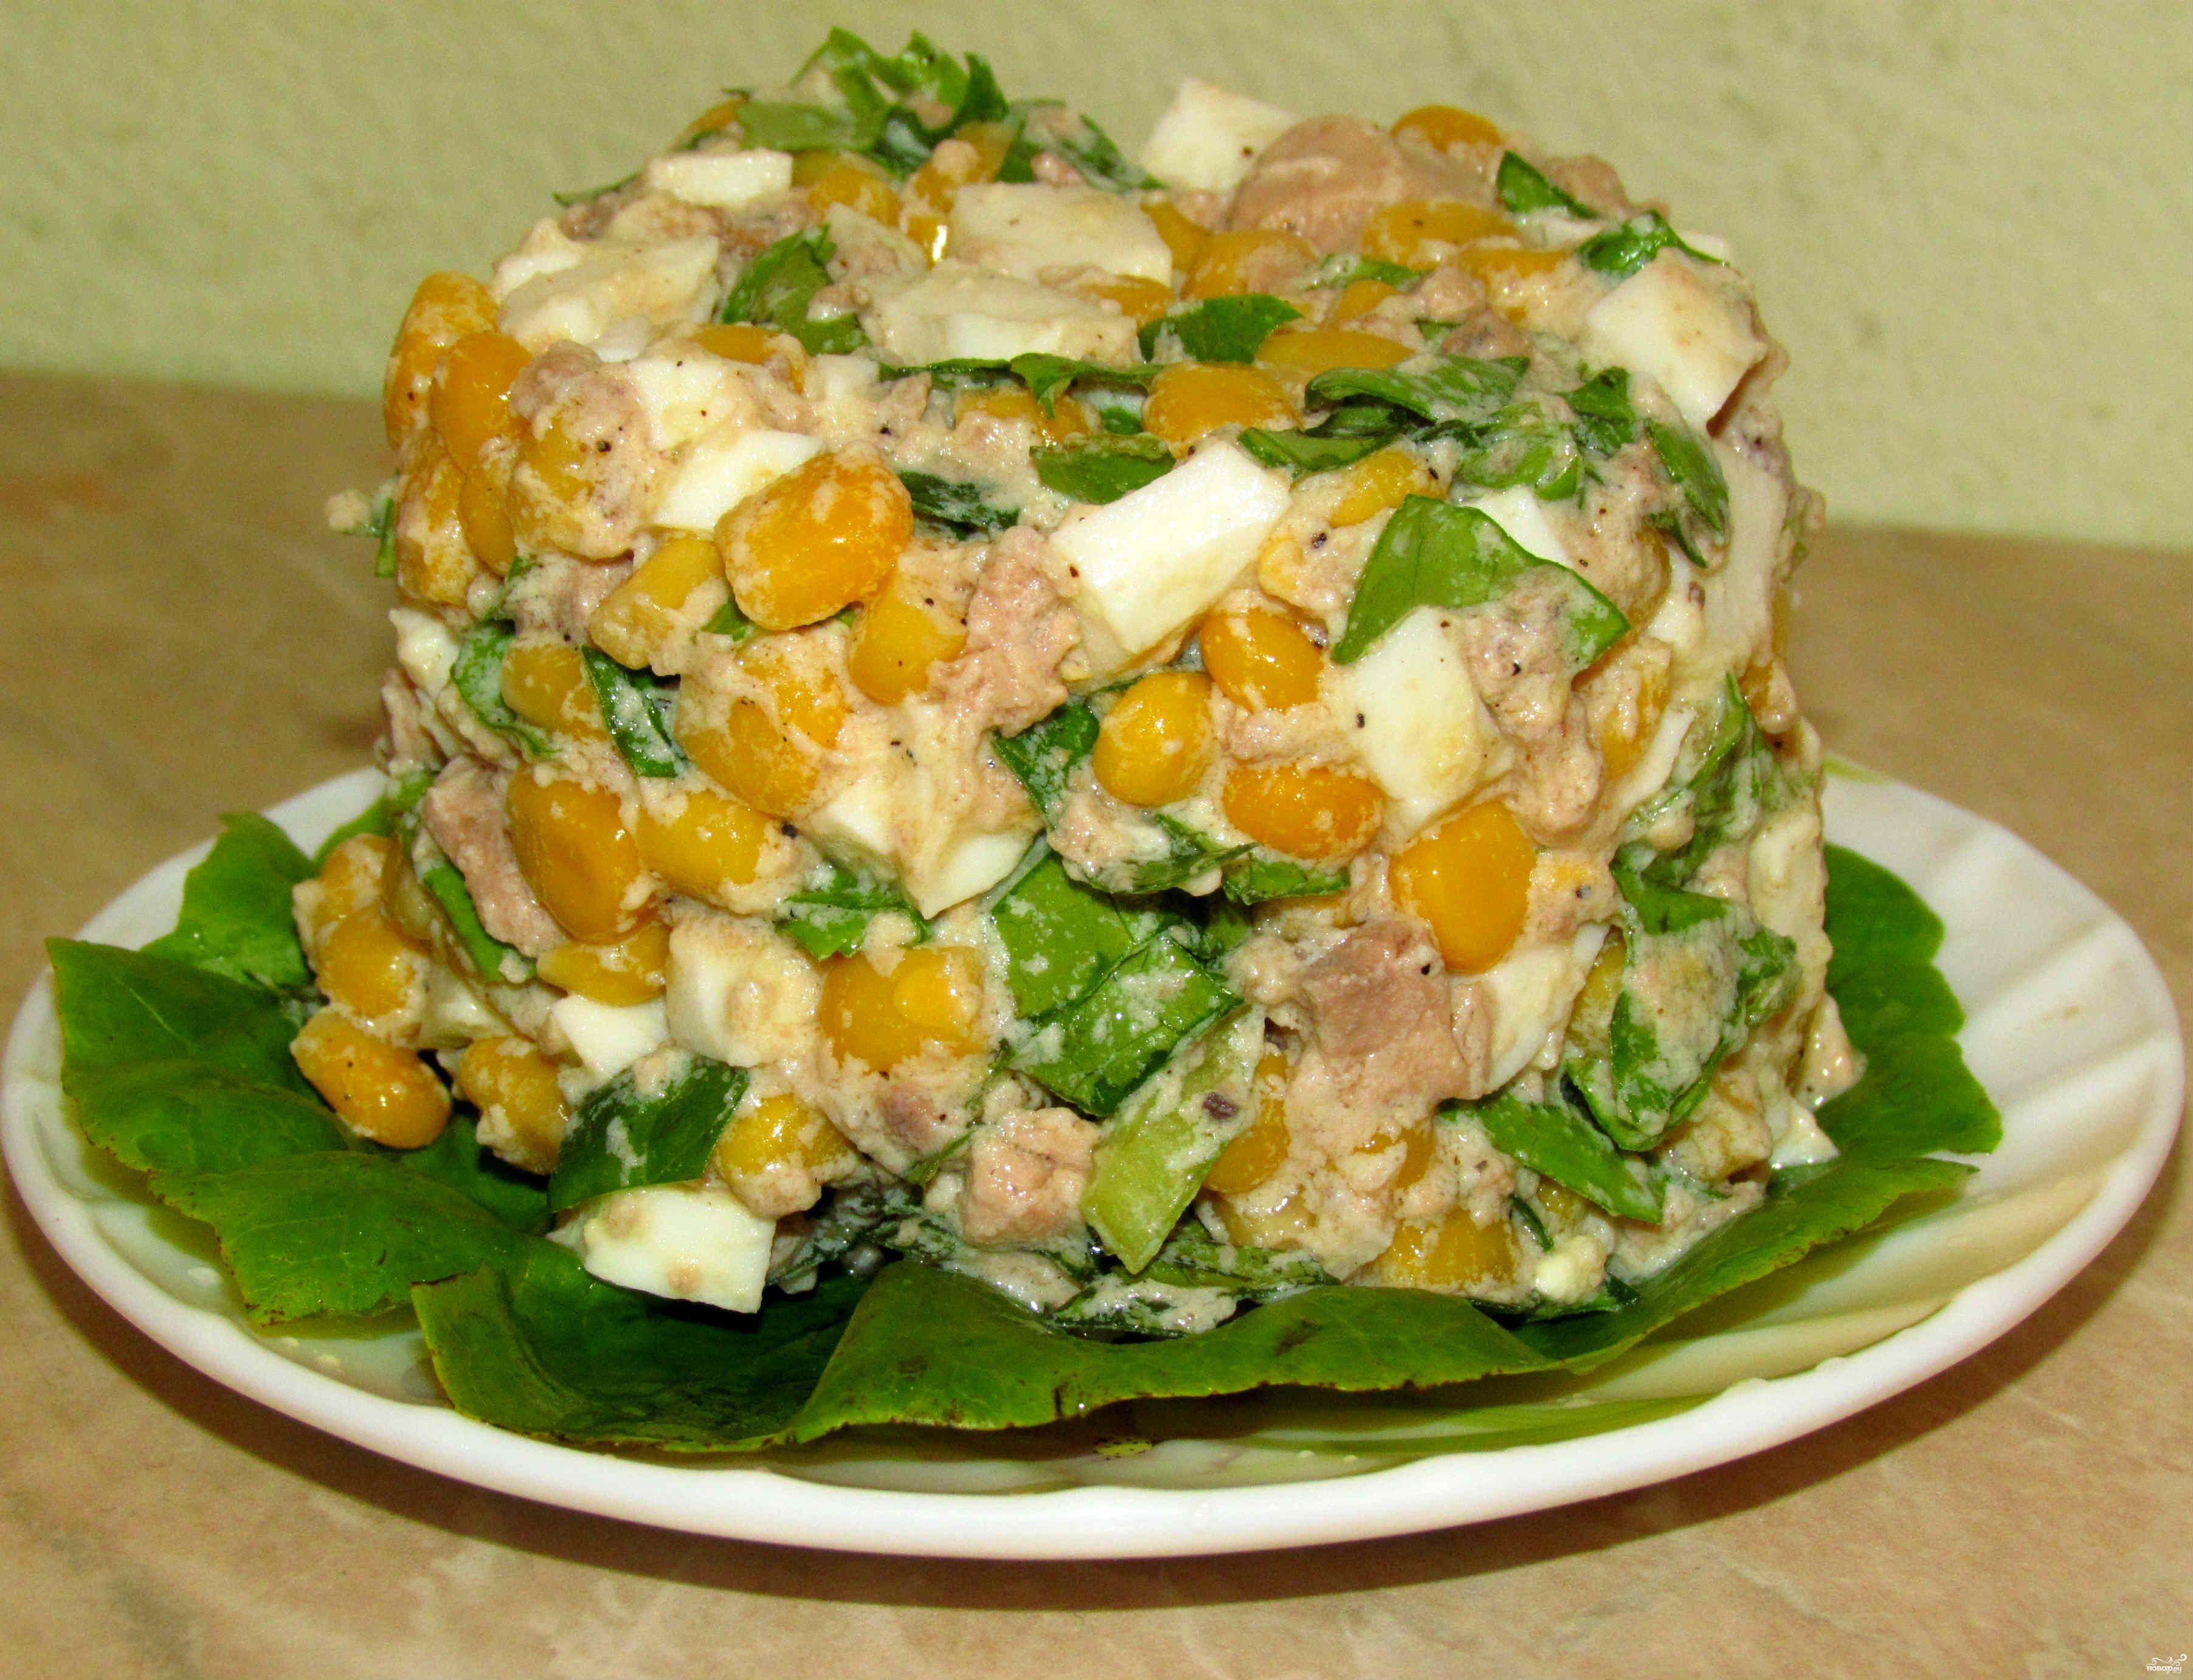 Салат с печенью трески и кукурузой